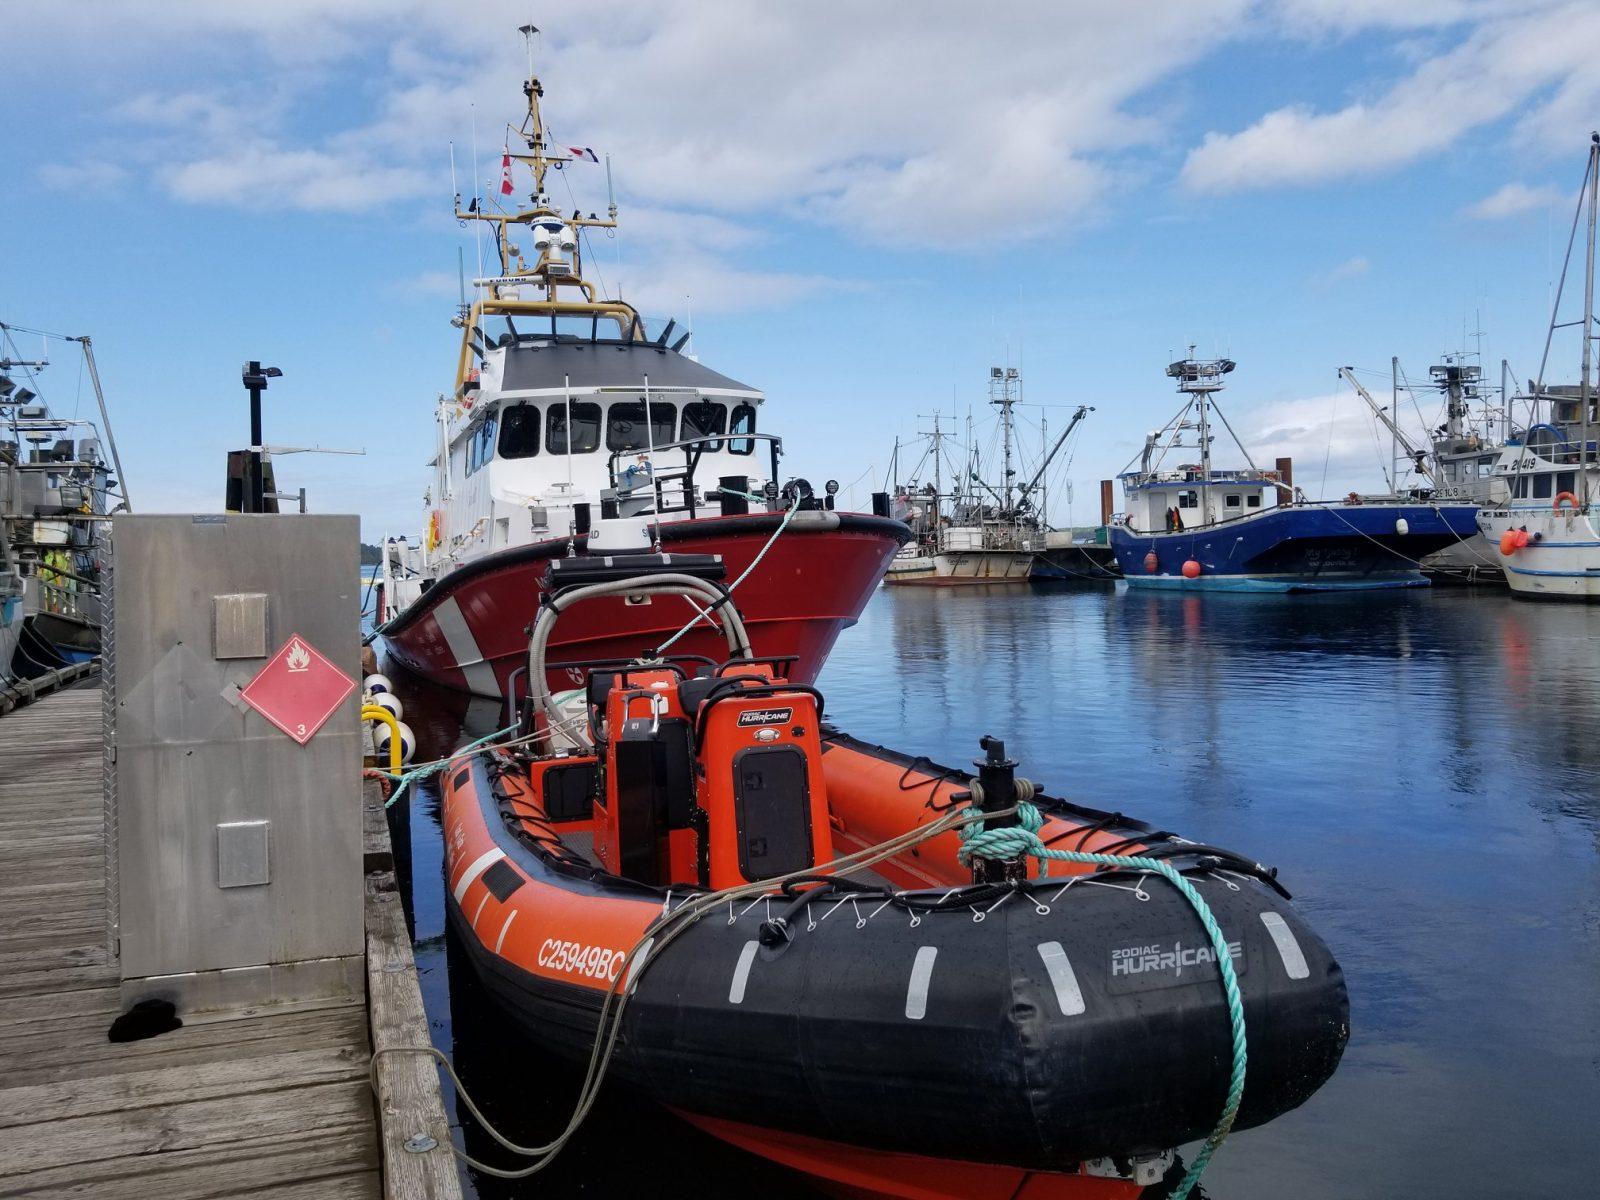 Fermeture de bases saisonnières de recherche et sauvetage de la Garde côtière canadienne pour l'hiver